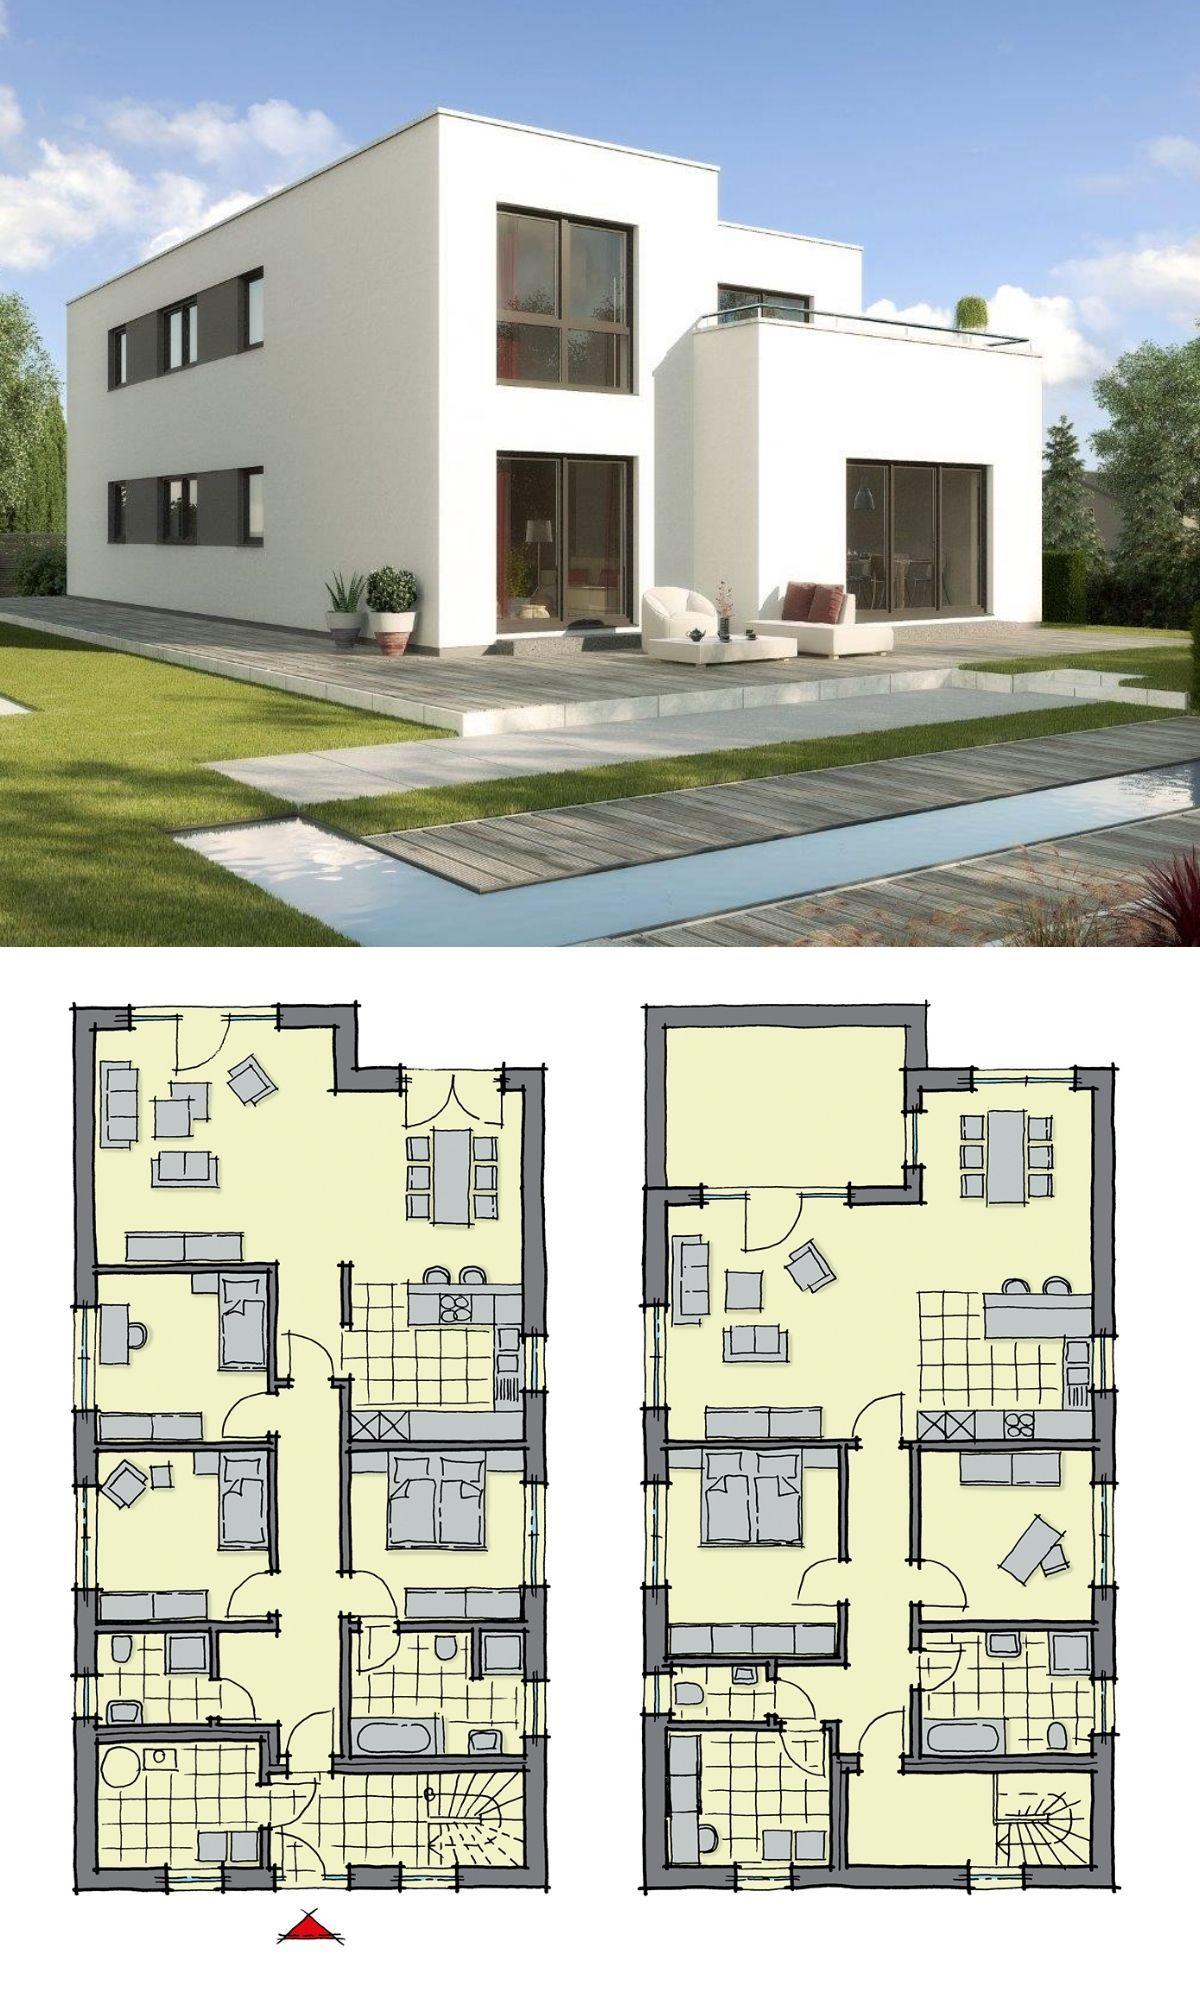 Zweifamilienhaus modern mit Flachdach Architektur